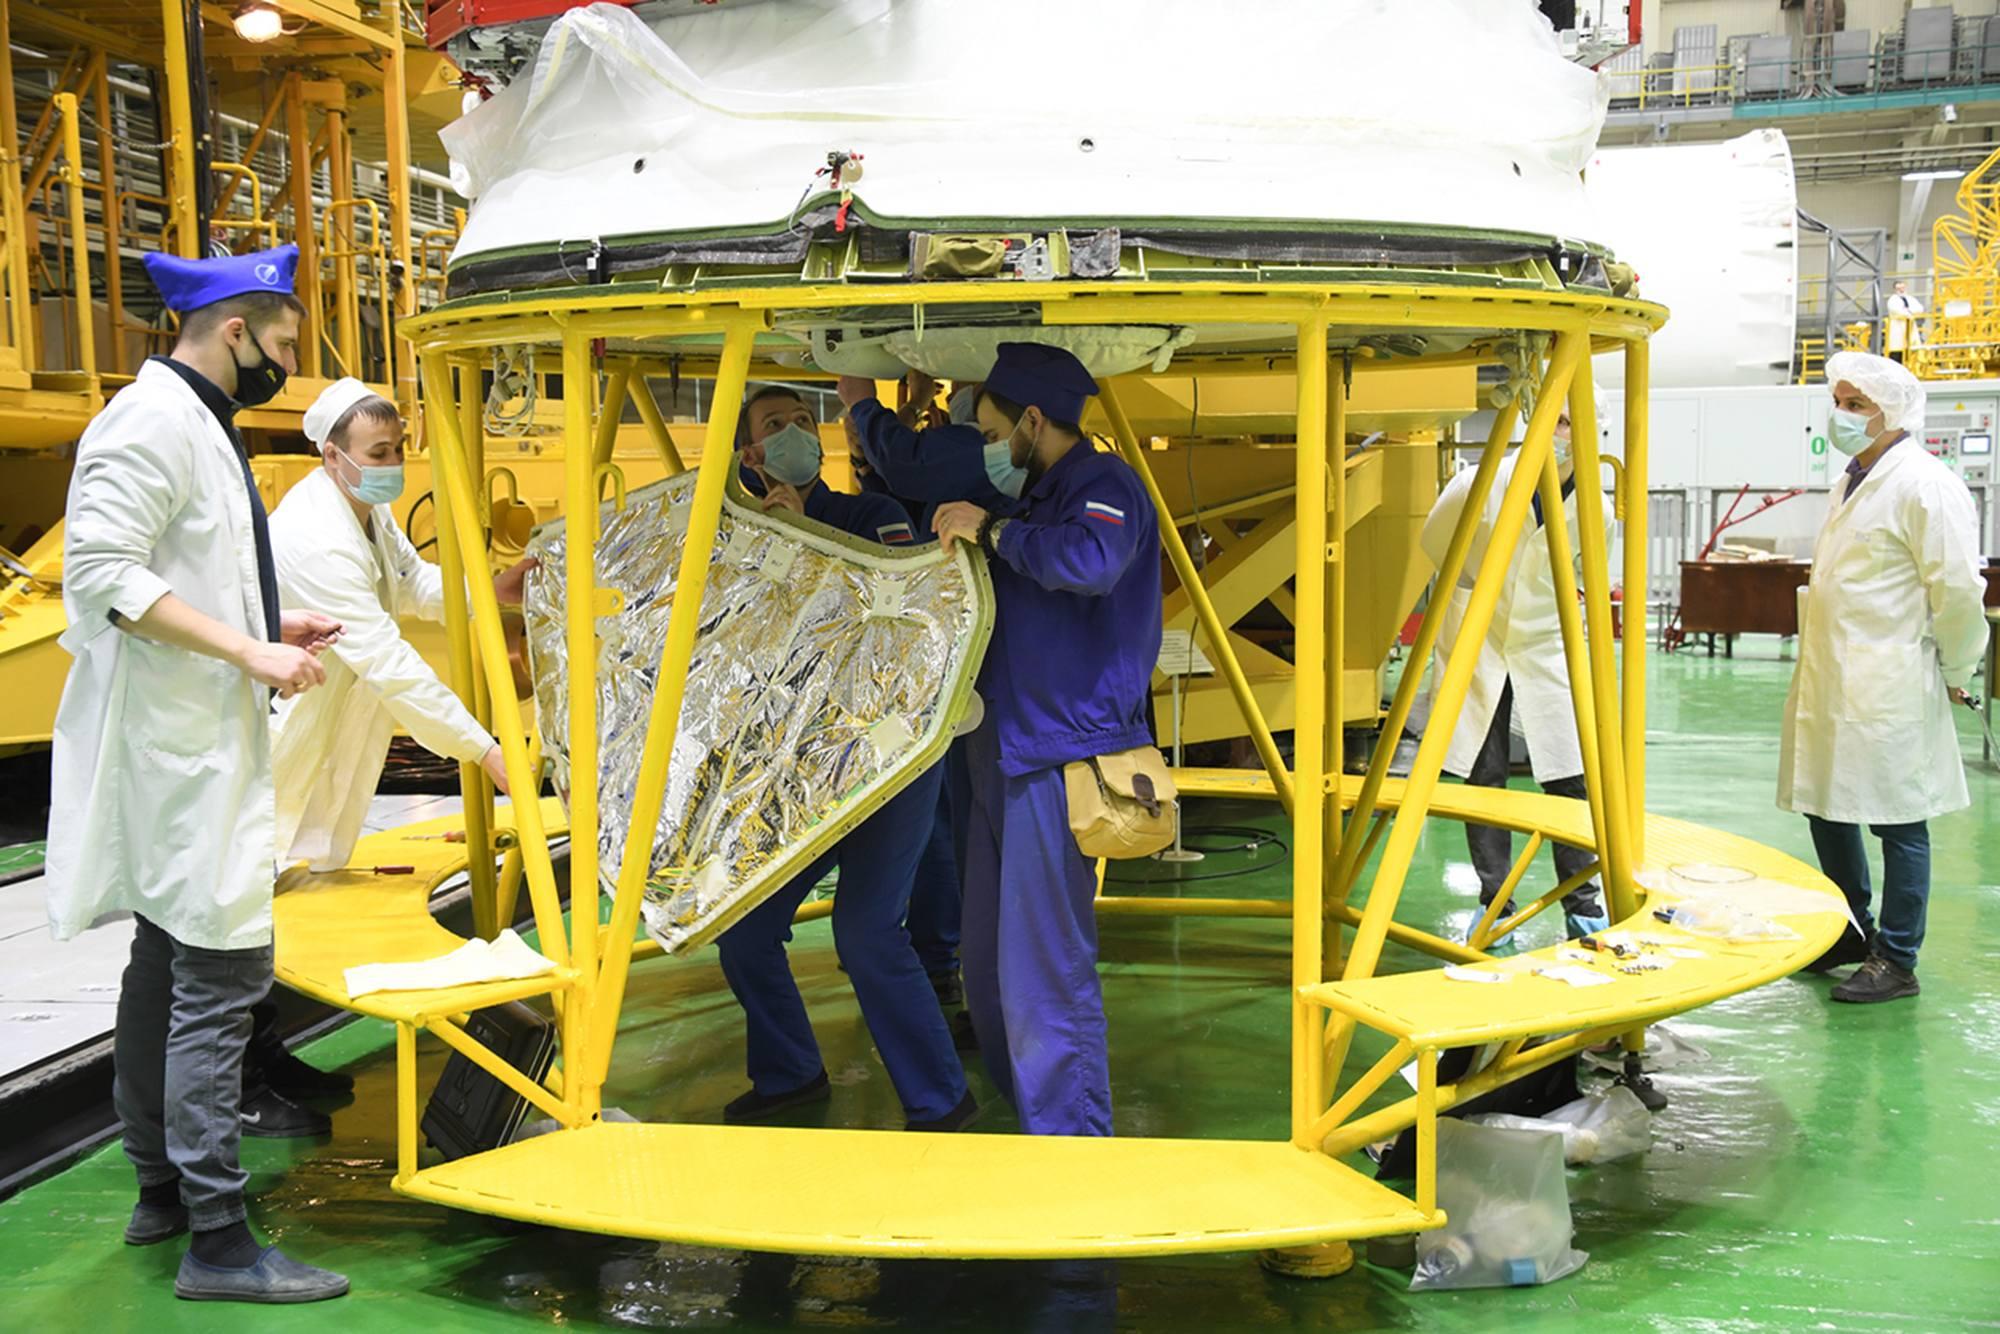 Mise en place des panneaux d'isolation du module de propulsion.